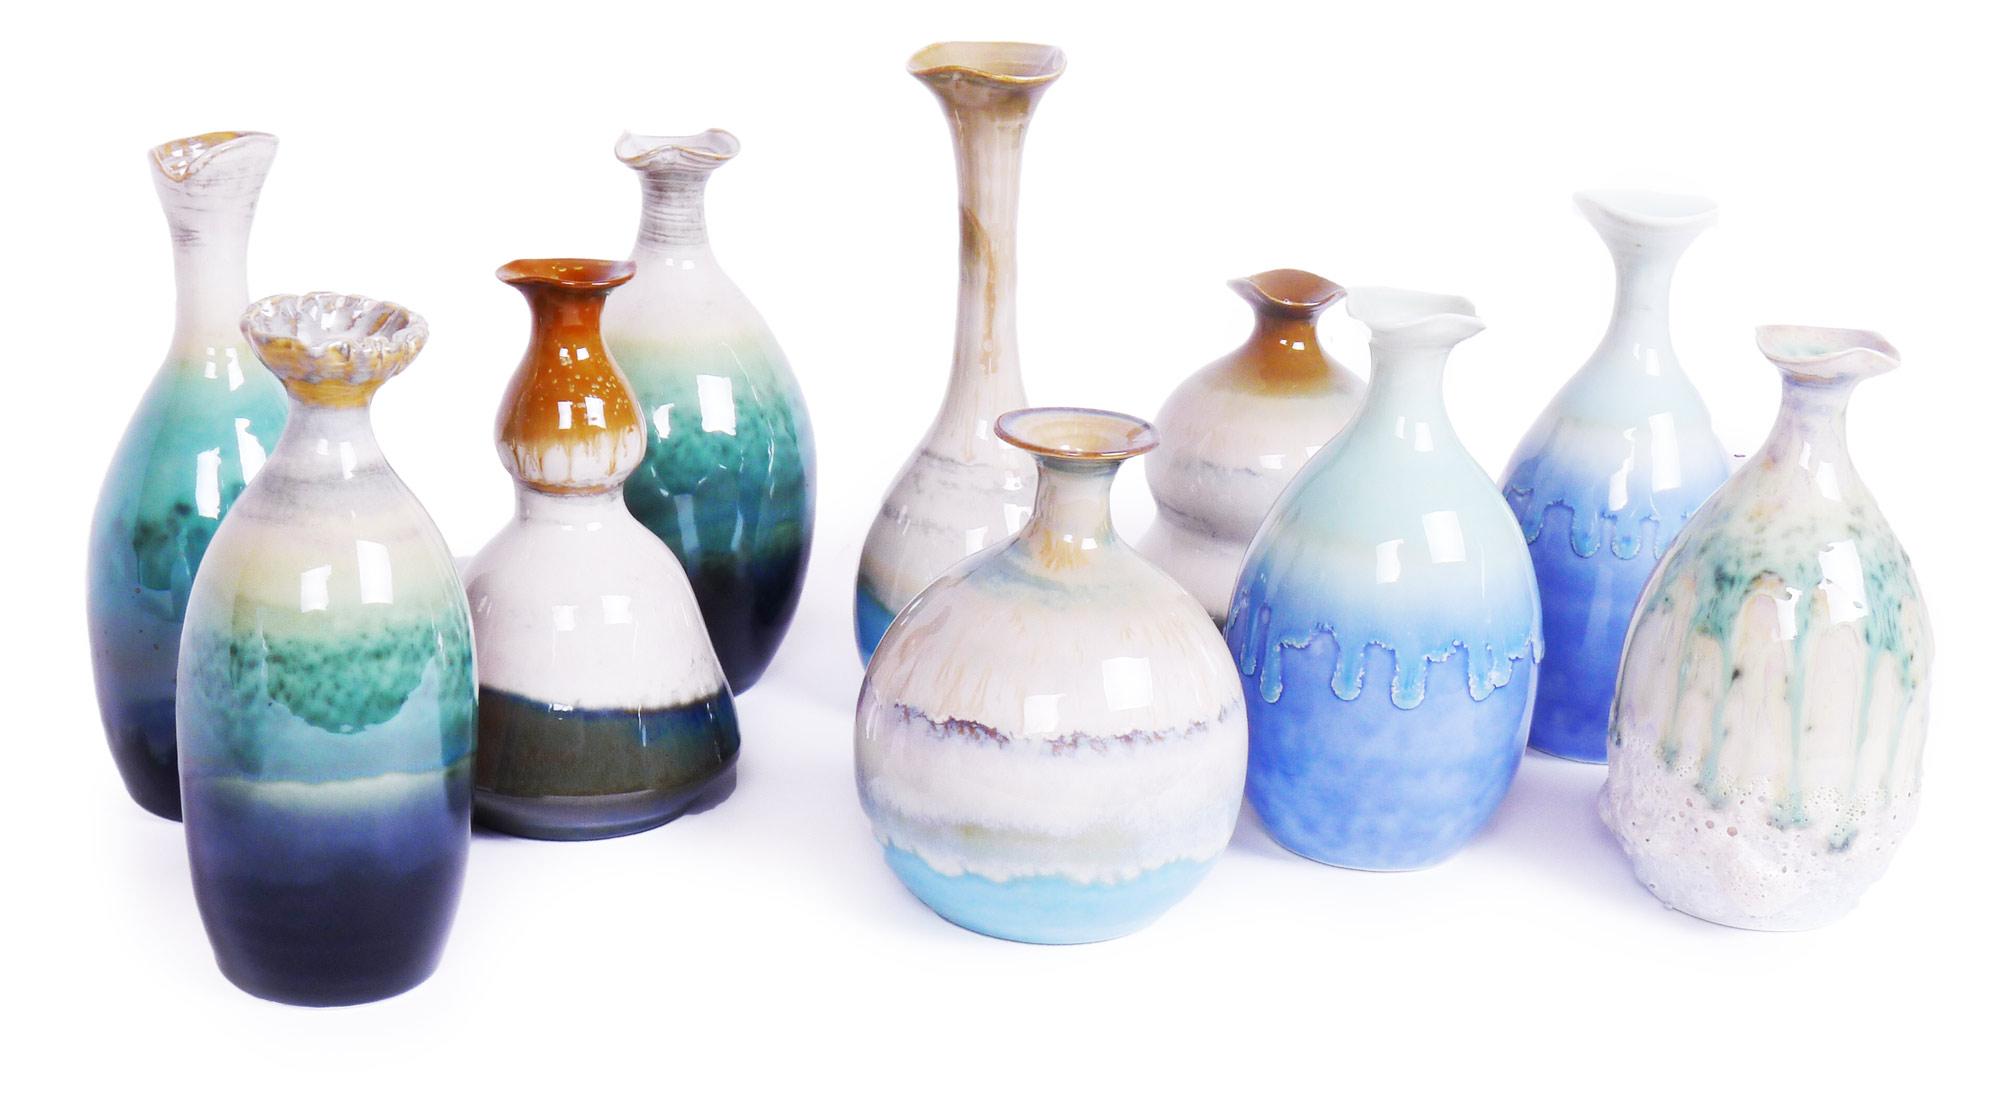 Image of Random Assortment of 4 Unique Vases